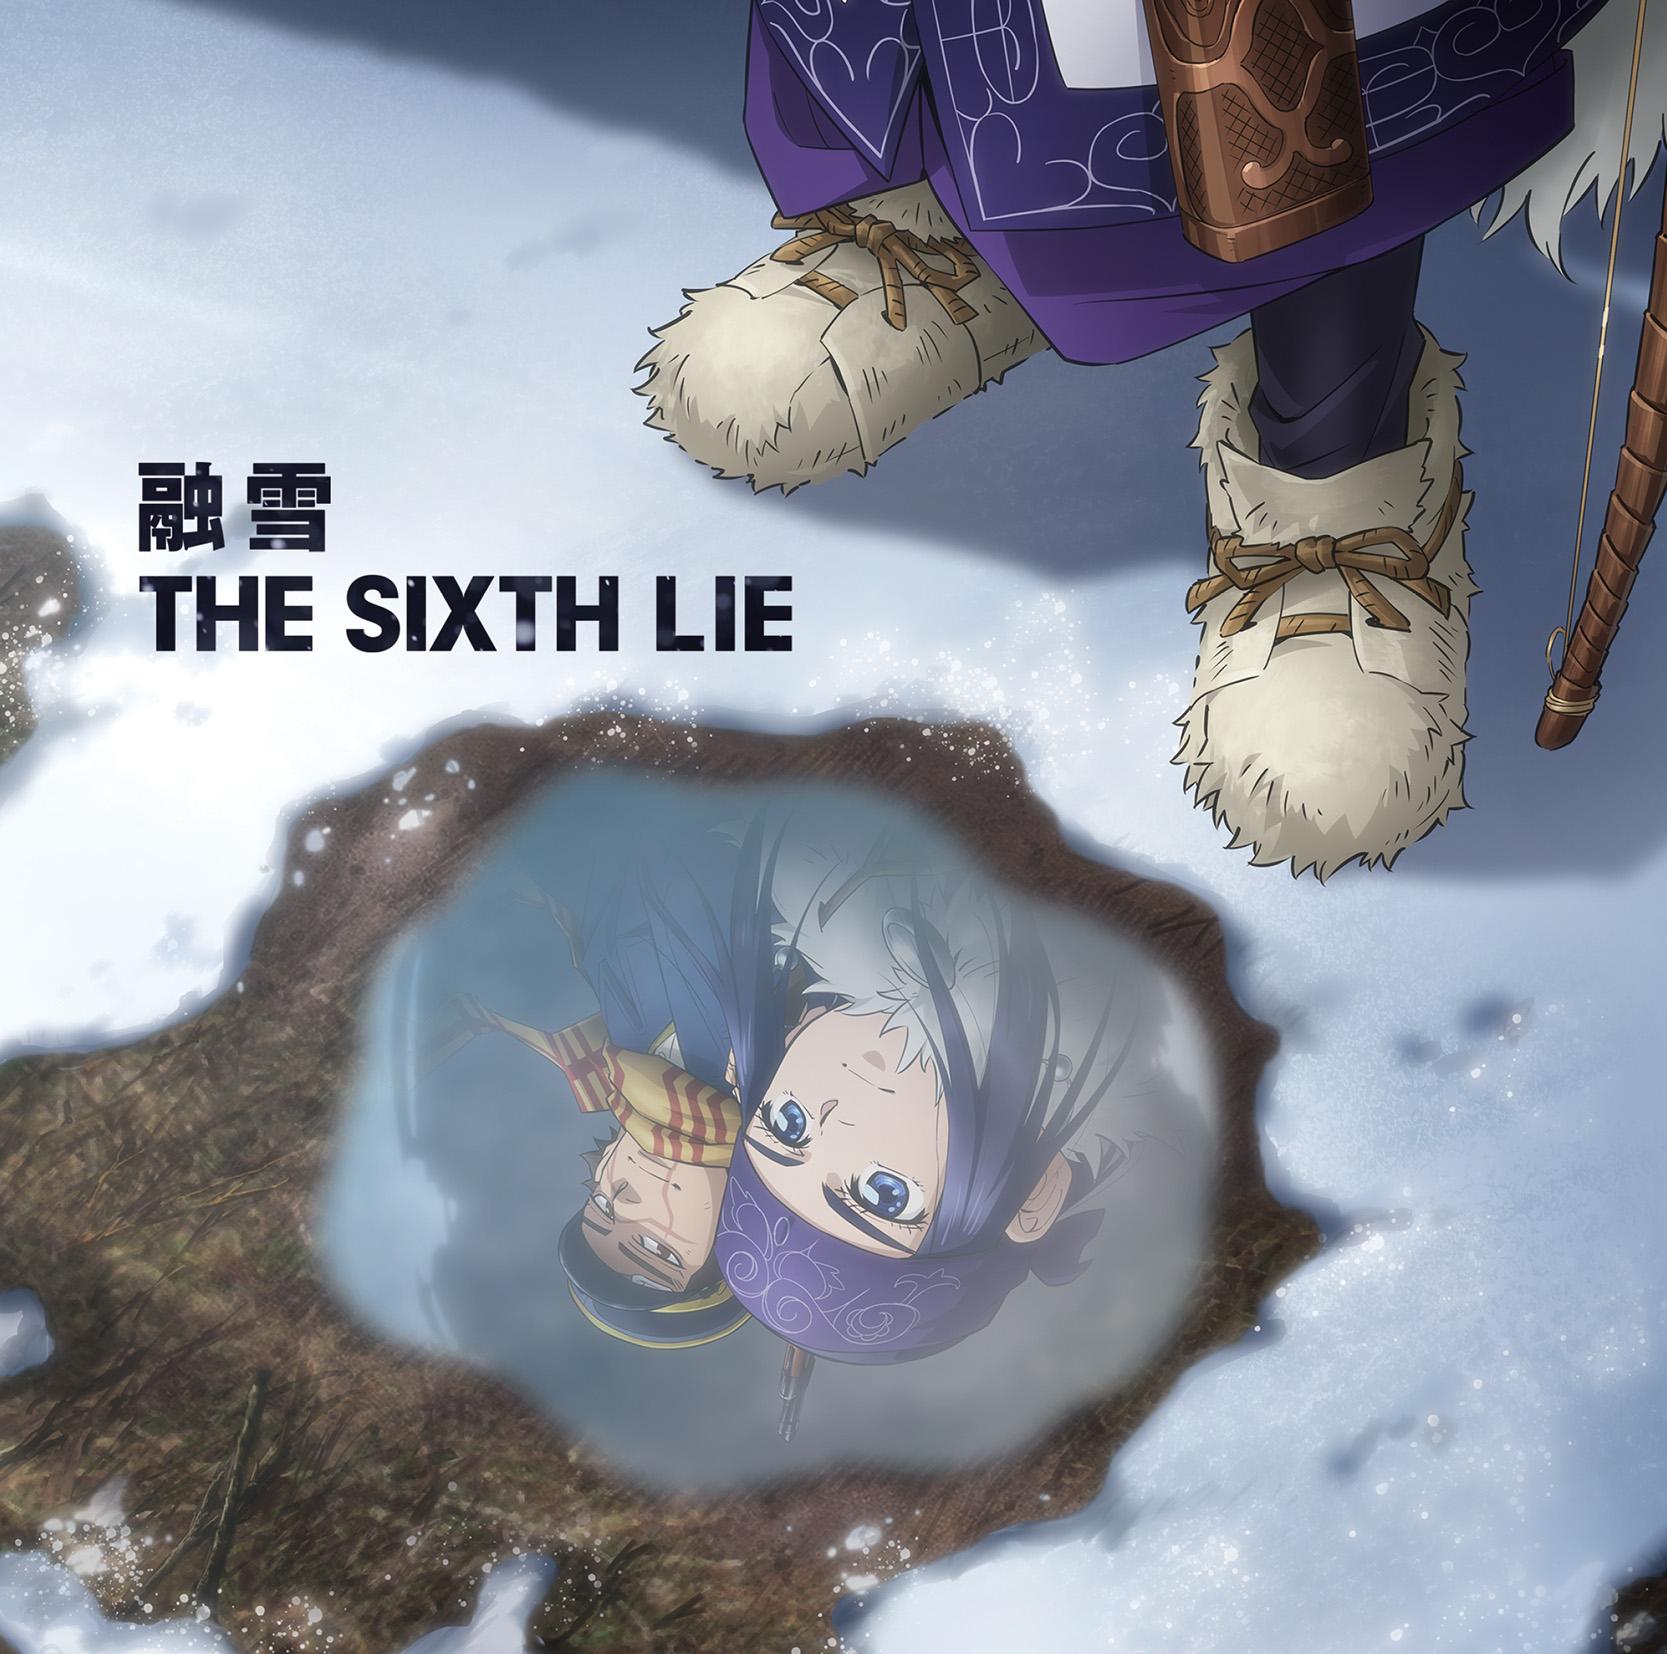 THE SIXTH LIE - 融雪 [2020.12.02+mp3+RAR]